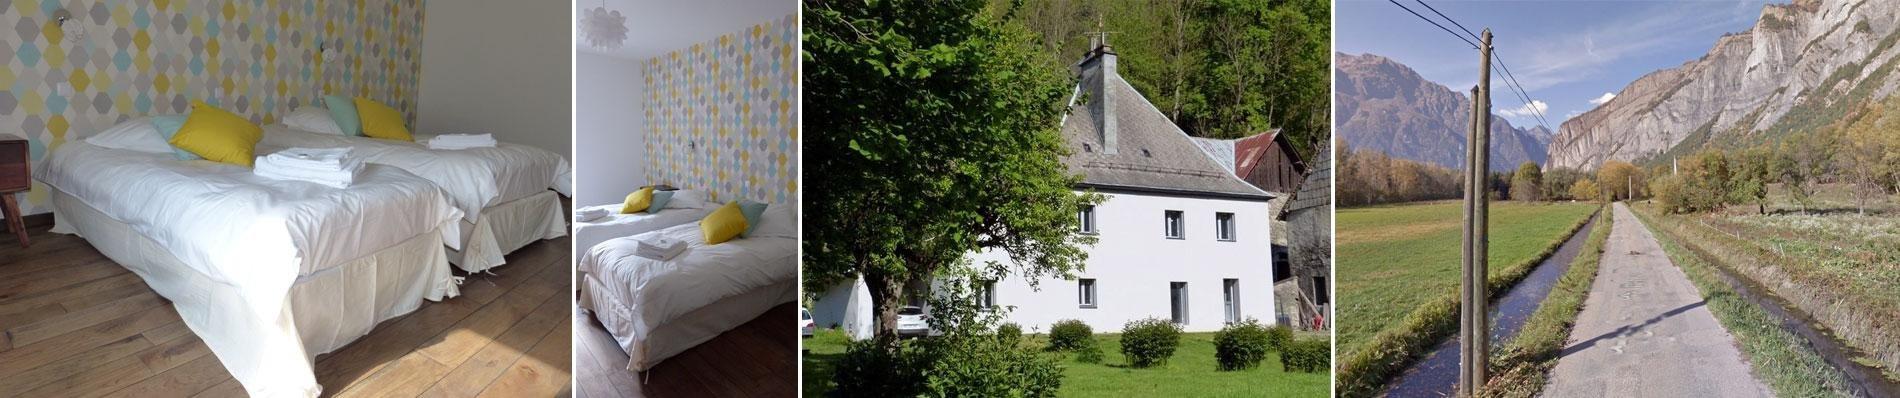 maison-manoir-isabelle-morand-alpe-d-huez